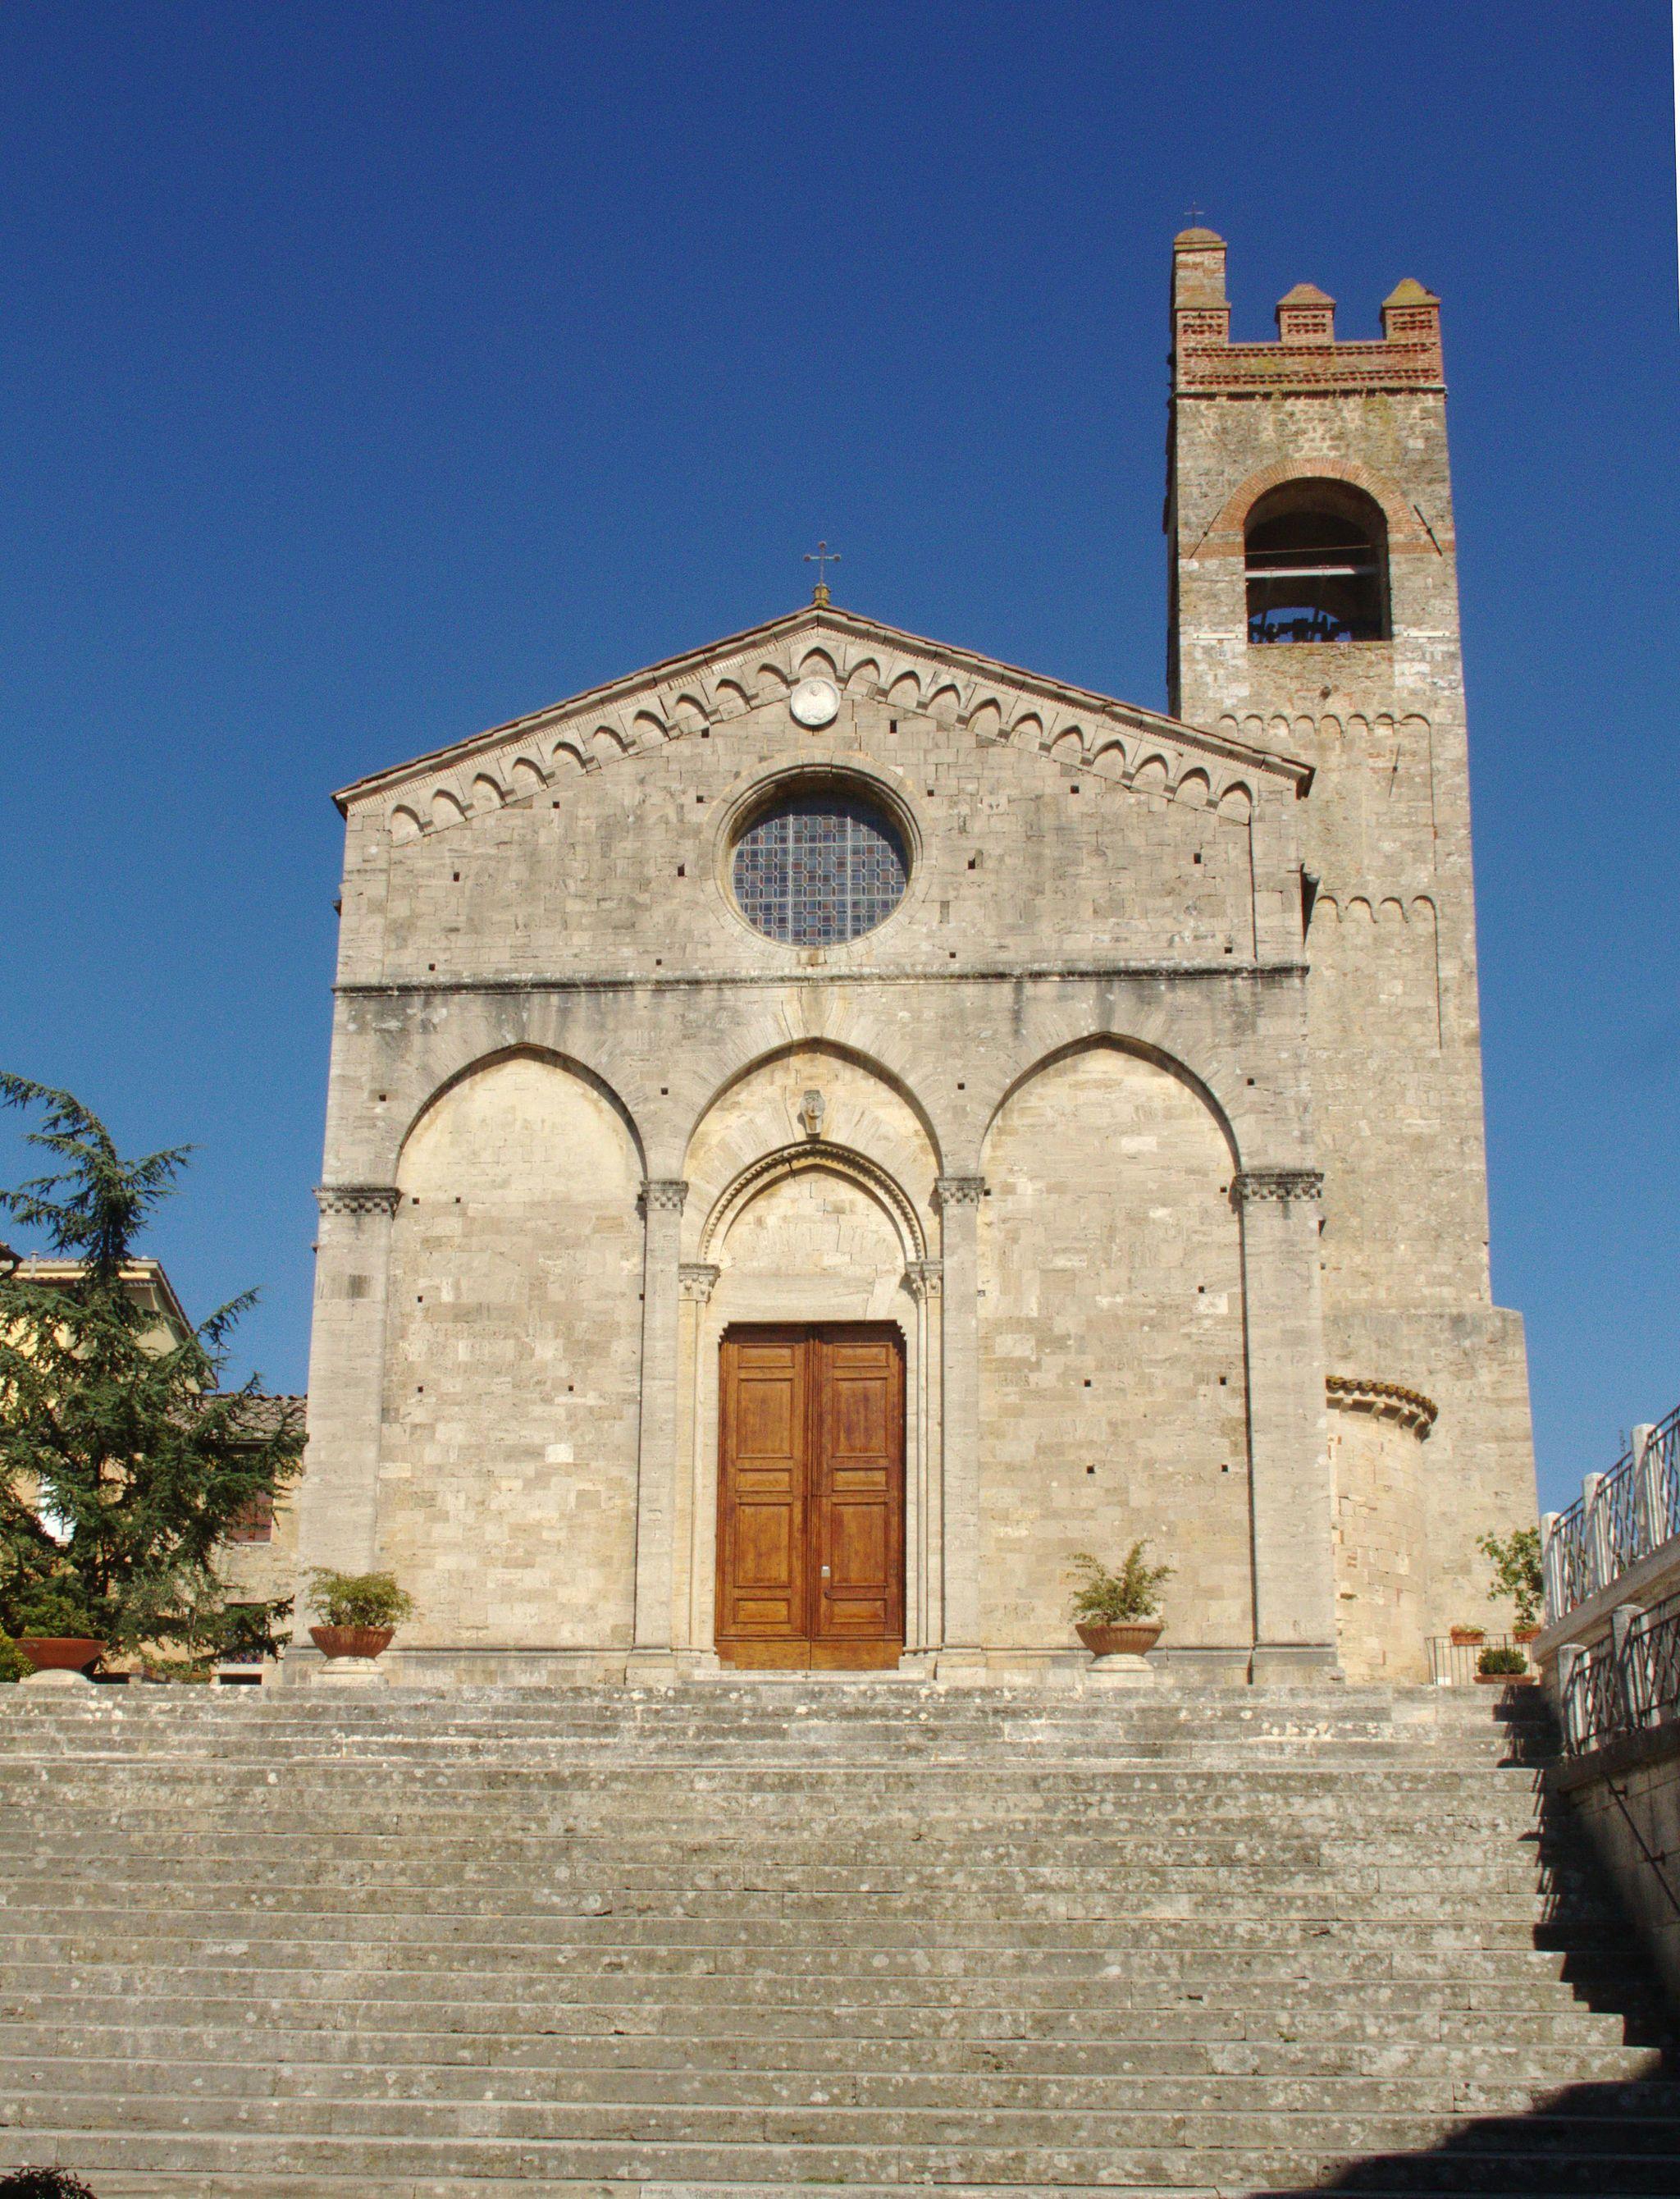 Collegiata di Sant'Agata (Asciano)